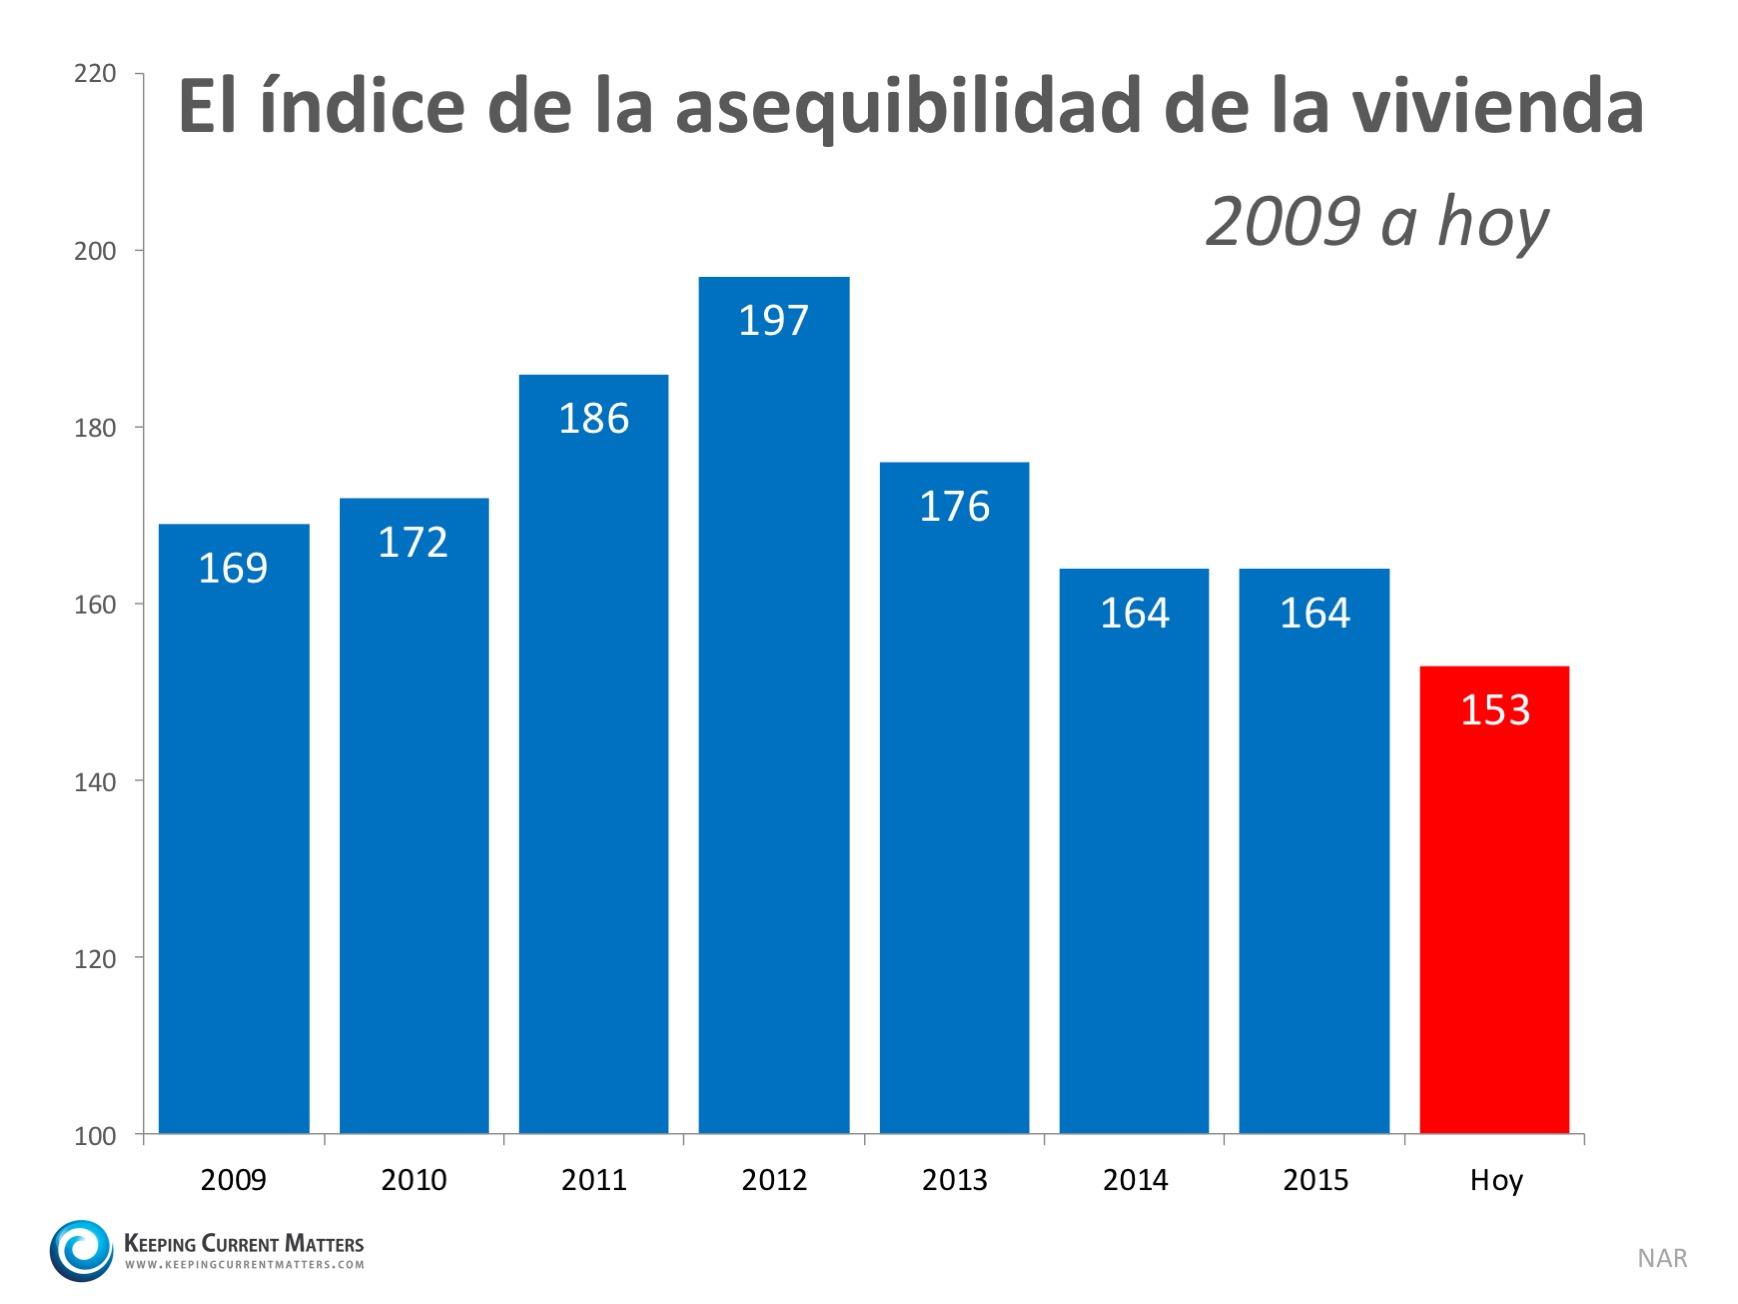 ¿Qué tan atemorizante es el índice de la asequibilidad de la vivienda? | Keeping Current Matters